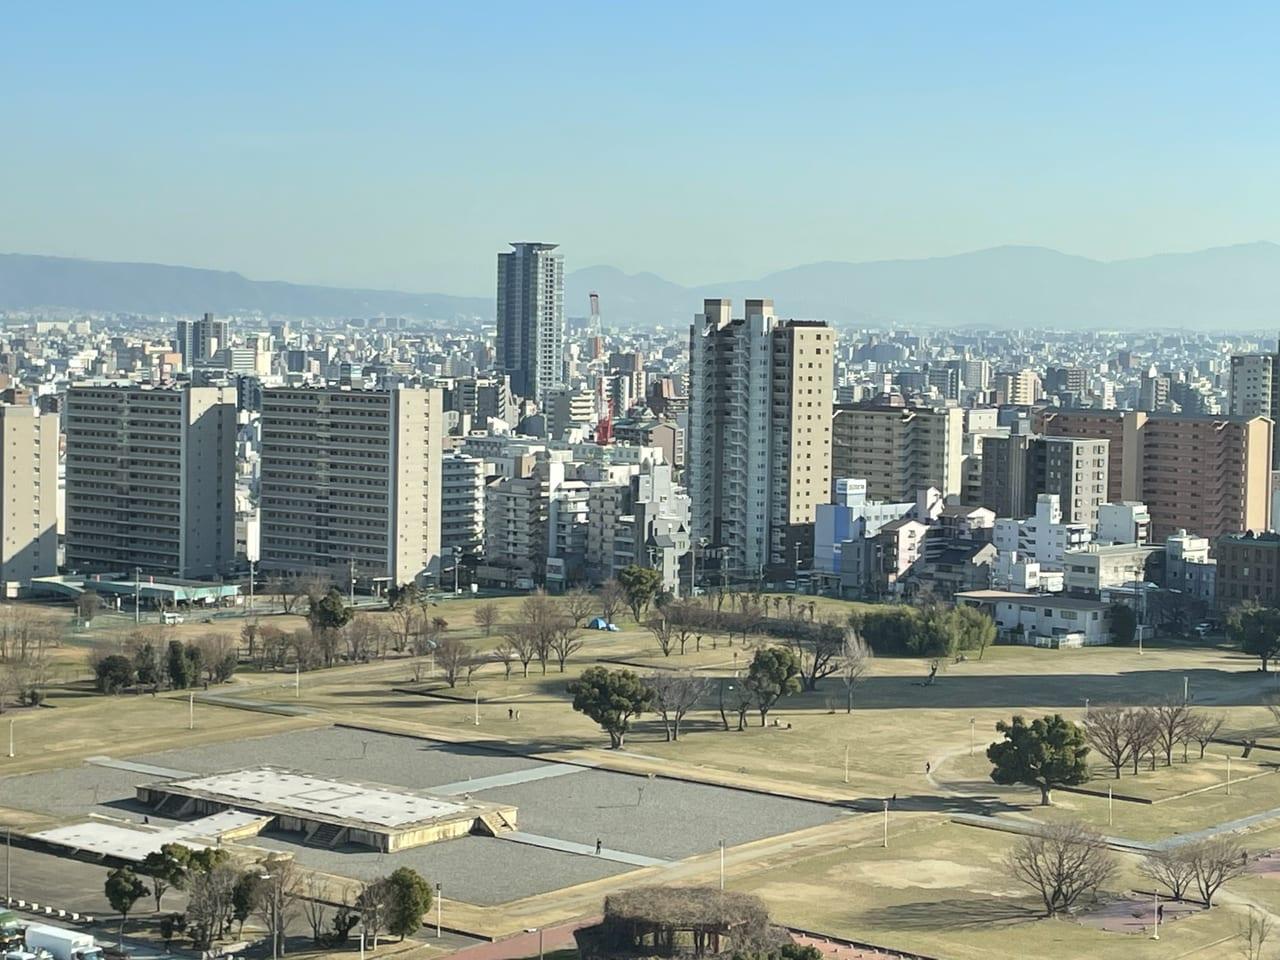 都会の中にある難波宮跡(大阪歴史博物館より)